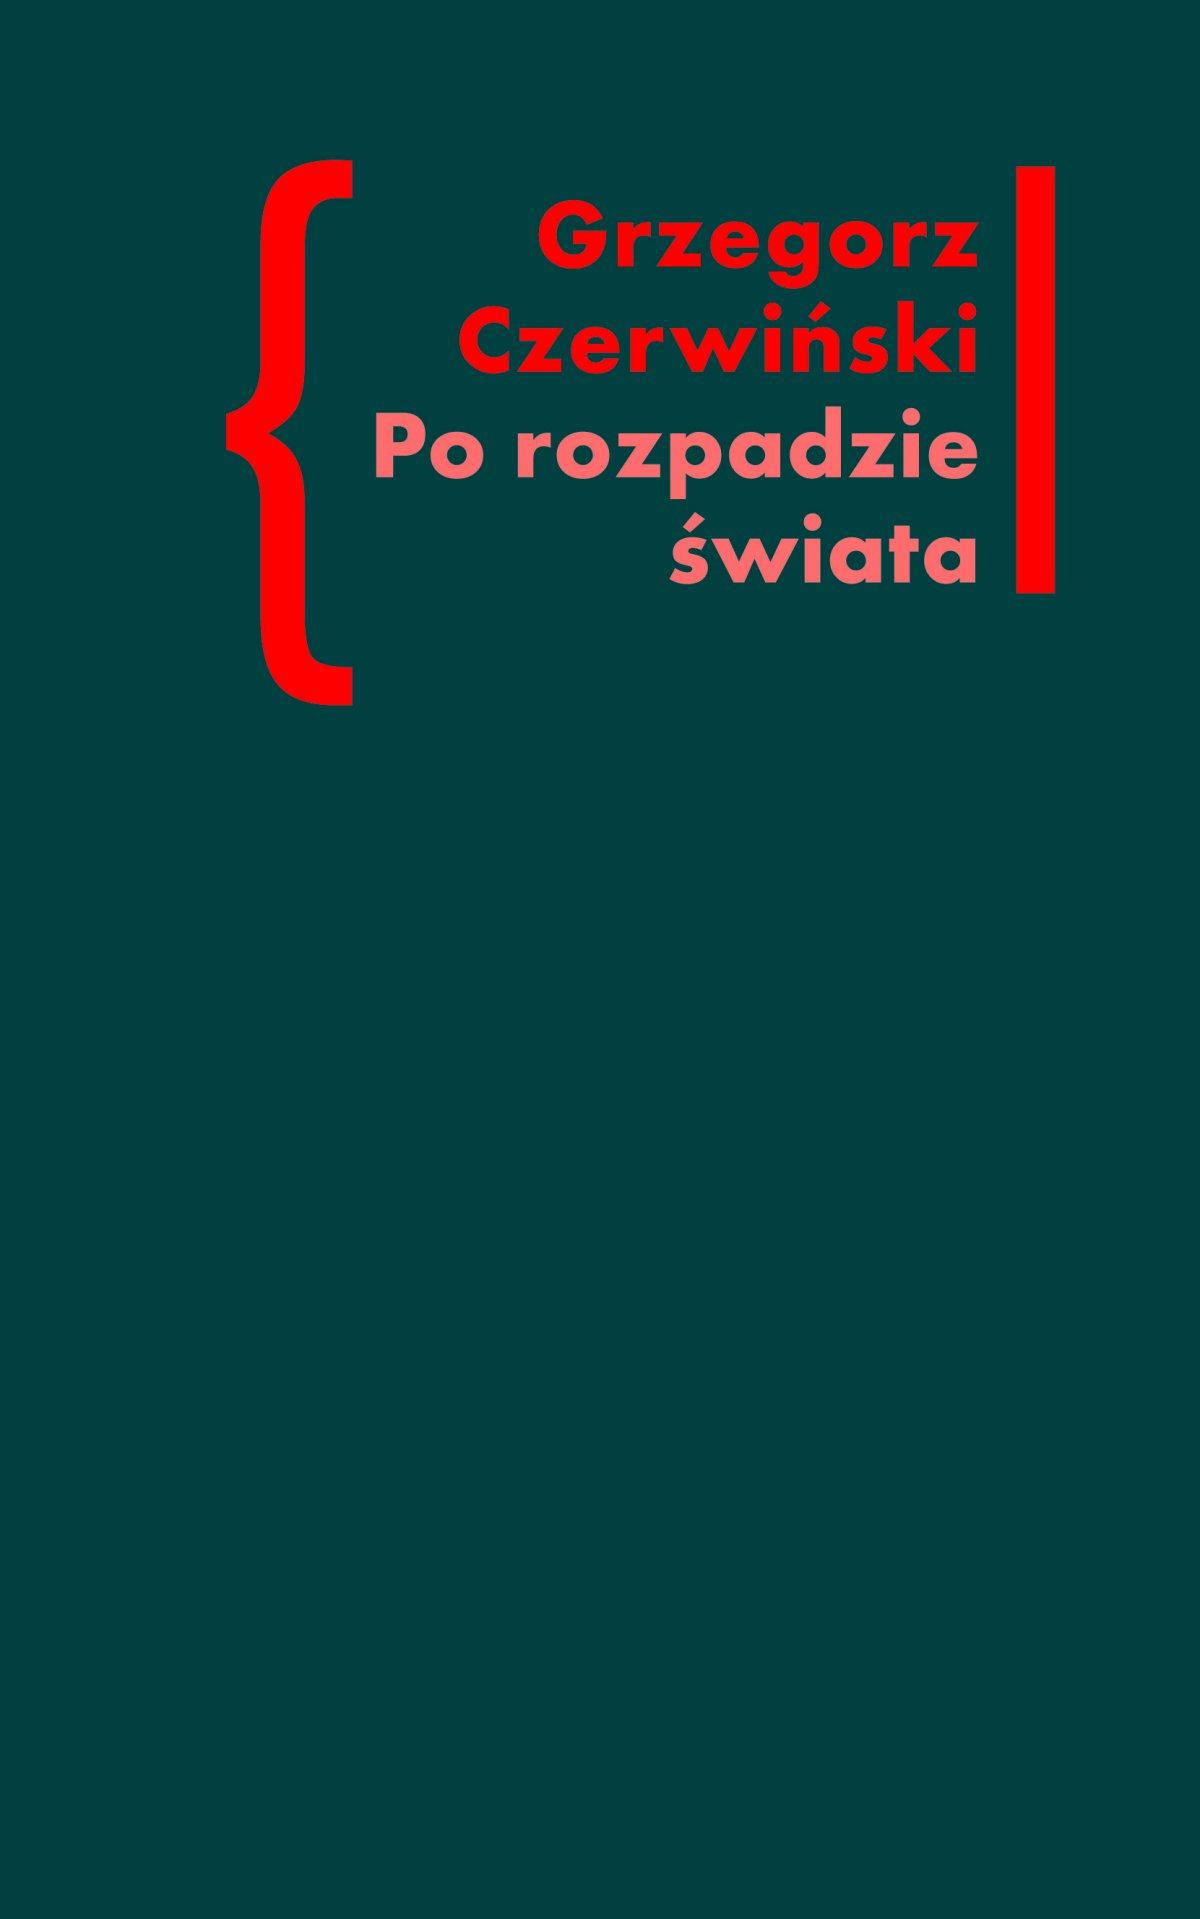 Po rozpadzie świata. O przestrzeni artystycznej w prozie Włodzimierza Odojewskiego - Ebook (Książka na Kindle) do pobrania w formacie MOBI